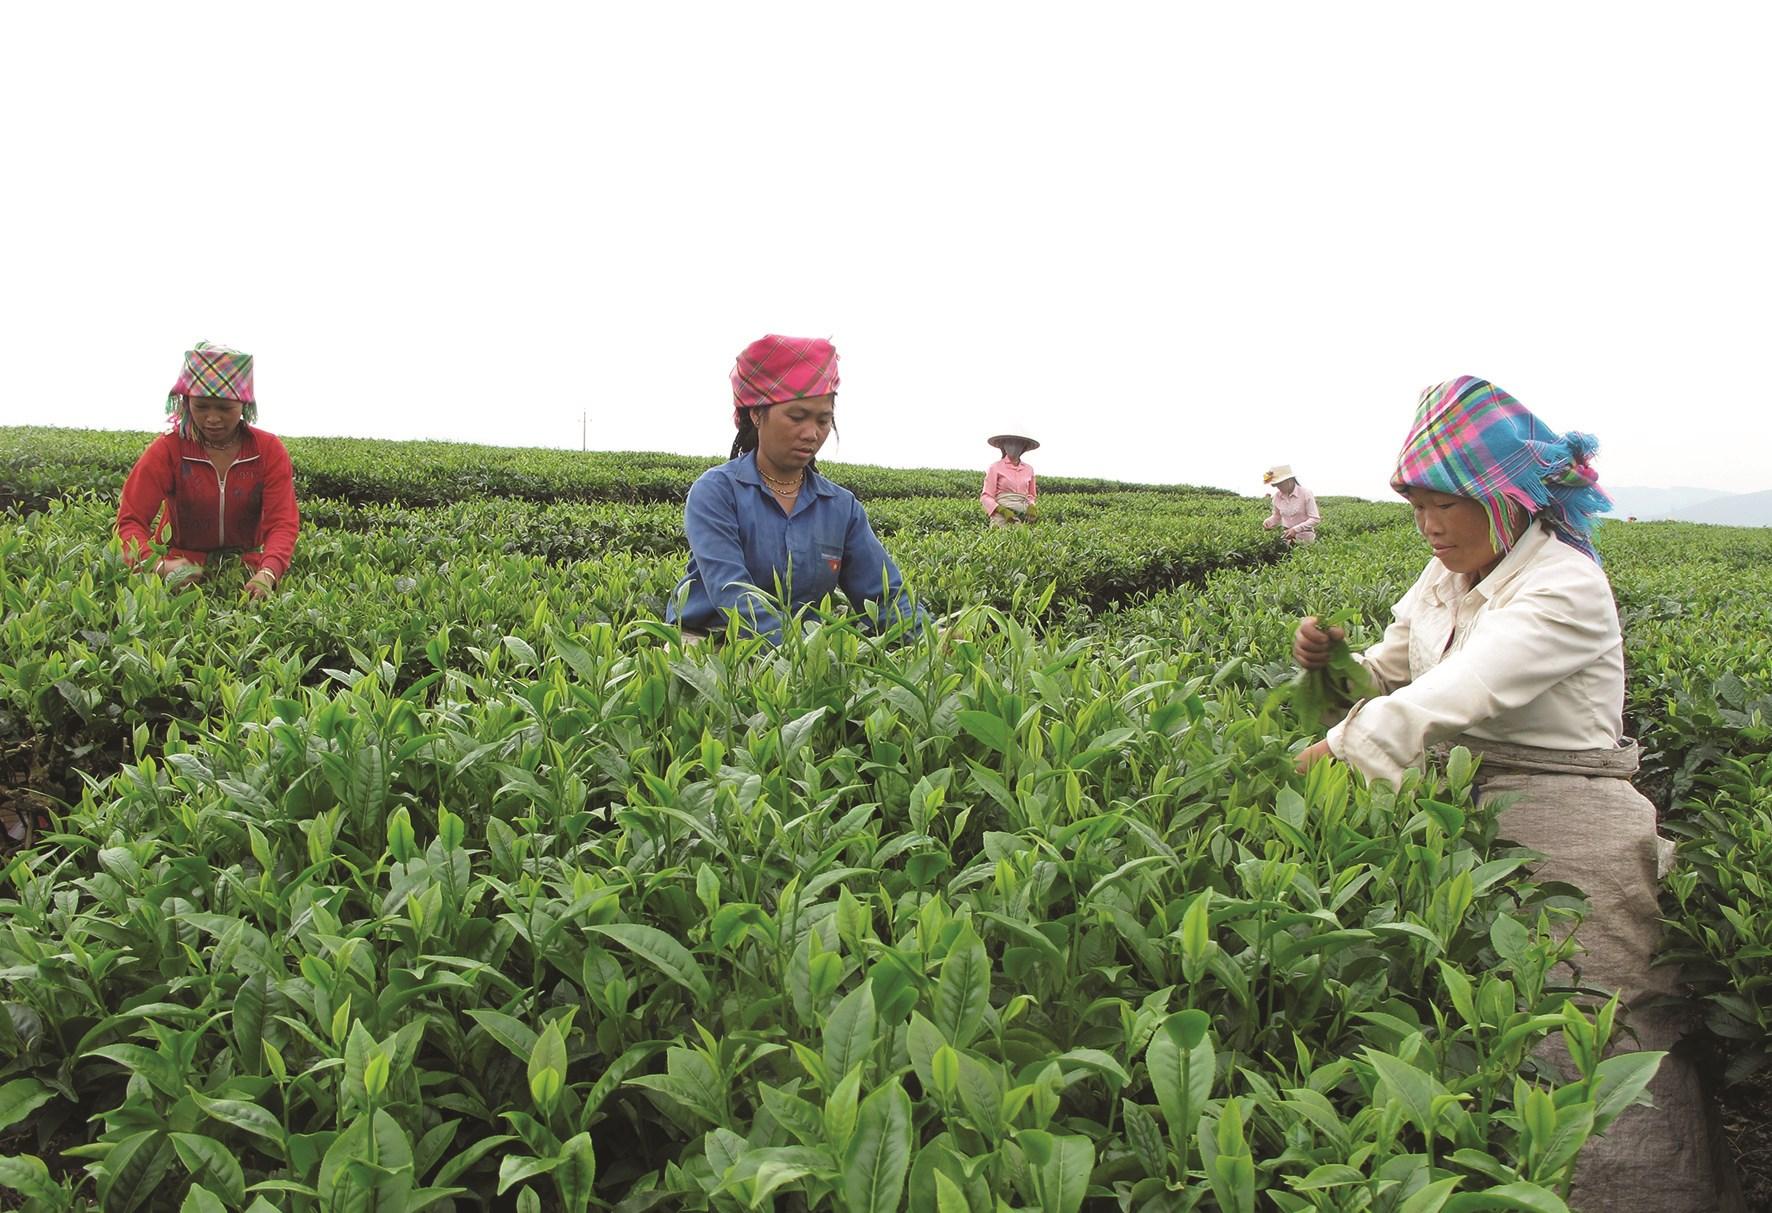 Mô hình trồng chè giúp đồng bào giảm nghèo. (Ảnh tư liệu)